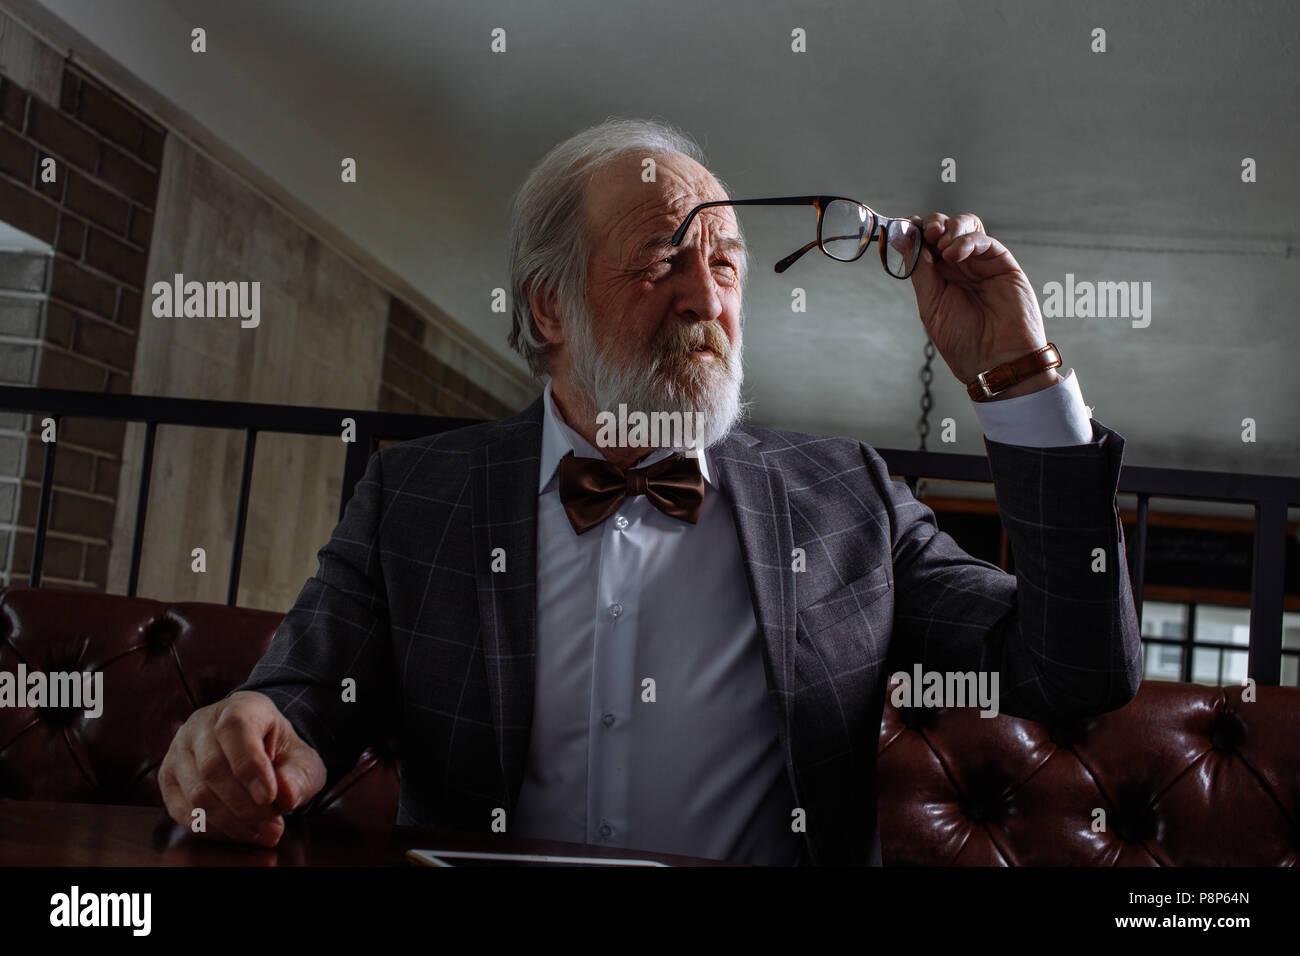 Macho viejo tratando de mirar a través de las sucias gafas. jubilado se está secando vasos. viejo hombre elegante con vista débil Foto de stock